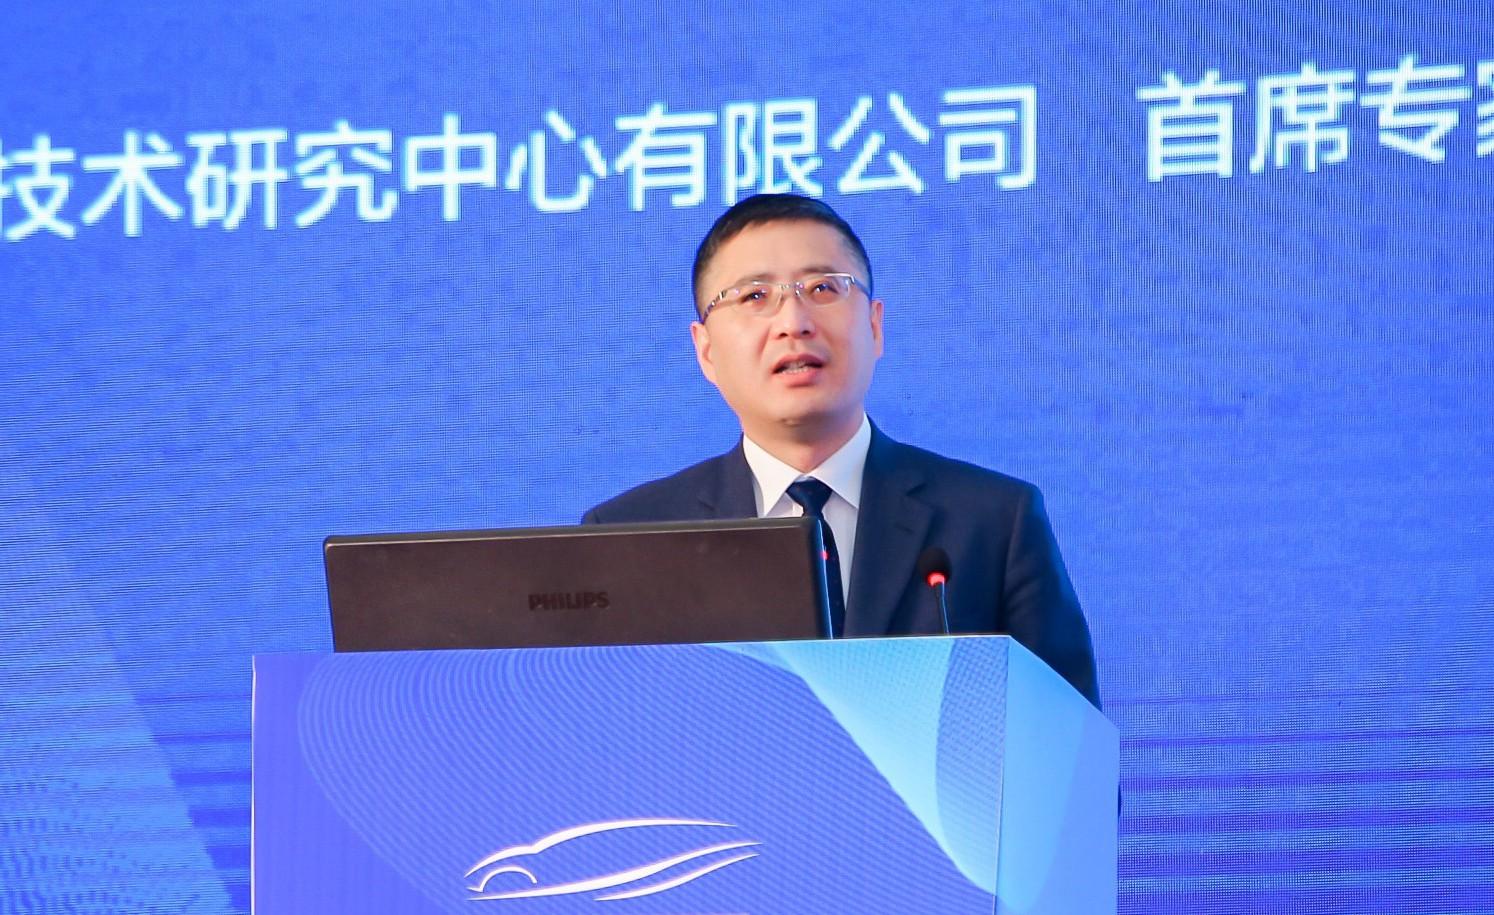 吳松泉演講實錄 汽車政策最新動態及趨勢研判